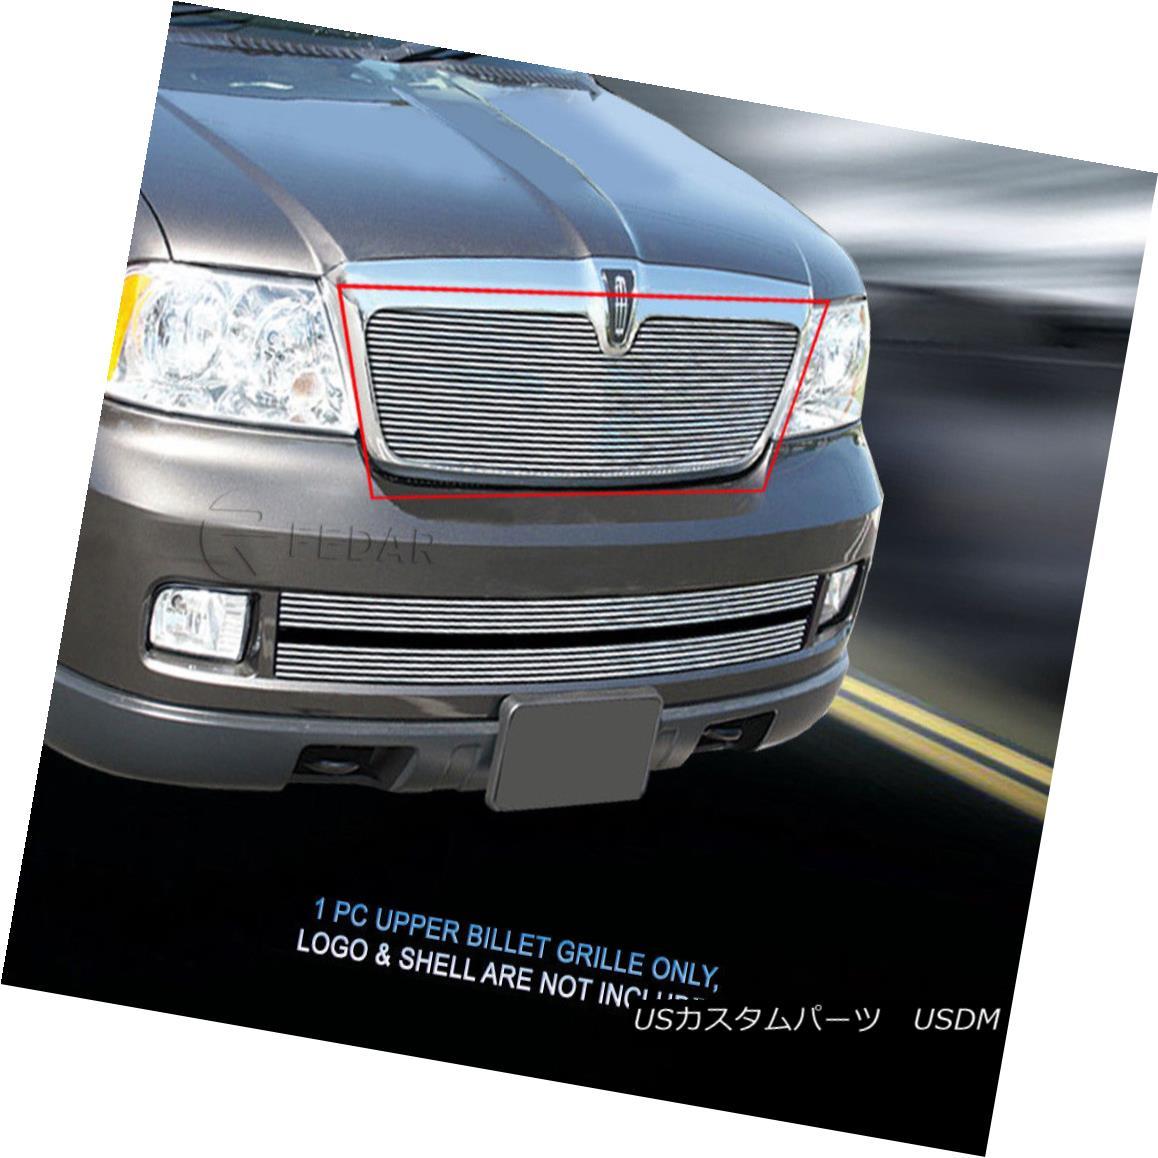 グリル 03-06 Lincoln Navigator Billet Grille Grill Upper Insert Fedar 03-06リンカーンナビゲータービレットグリルグリルアッパーインサートフェルダー